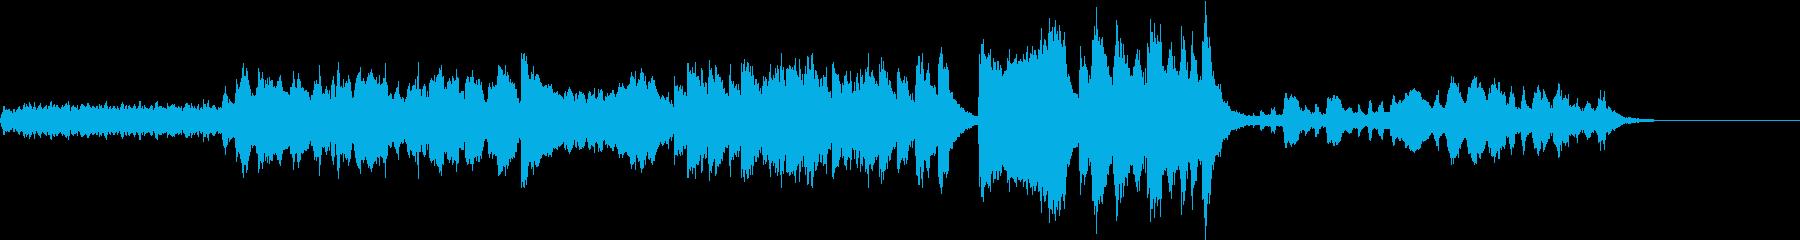 木星 ホルスト オーケストラ の再生済みの波形